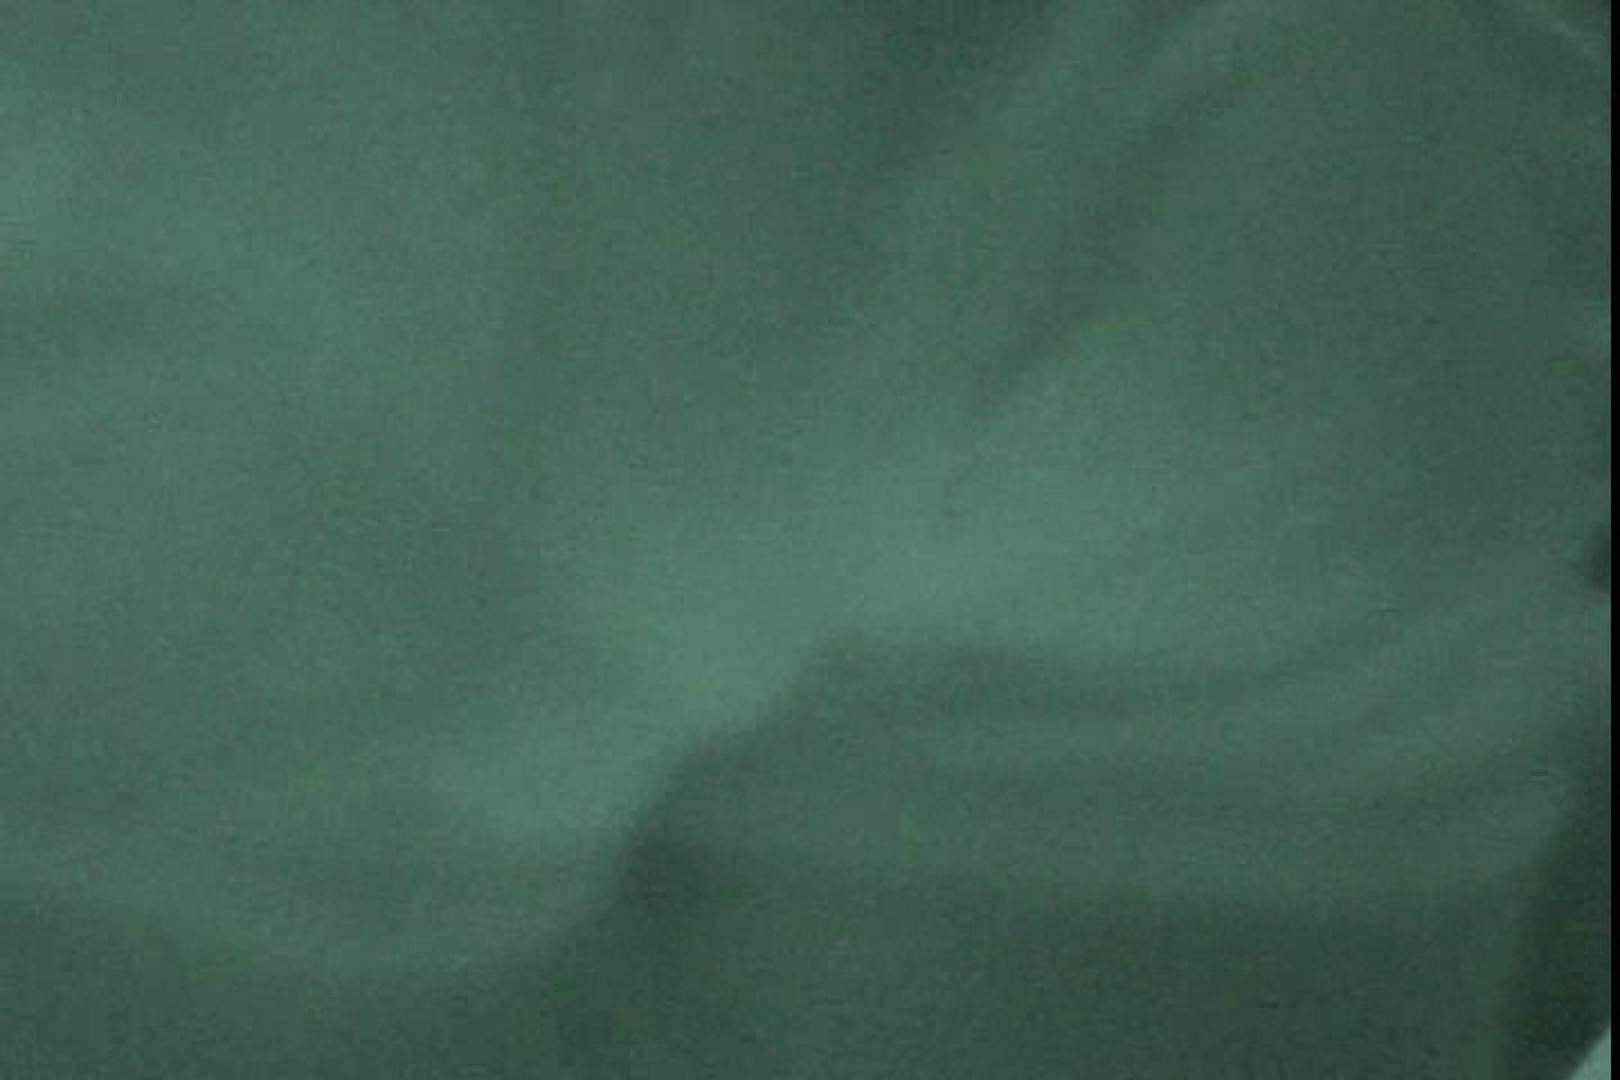 赤外線ムレスケバレー(汗) vol.02 OL女体 覗きおまんこ画像 84連発 50